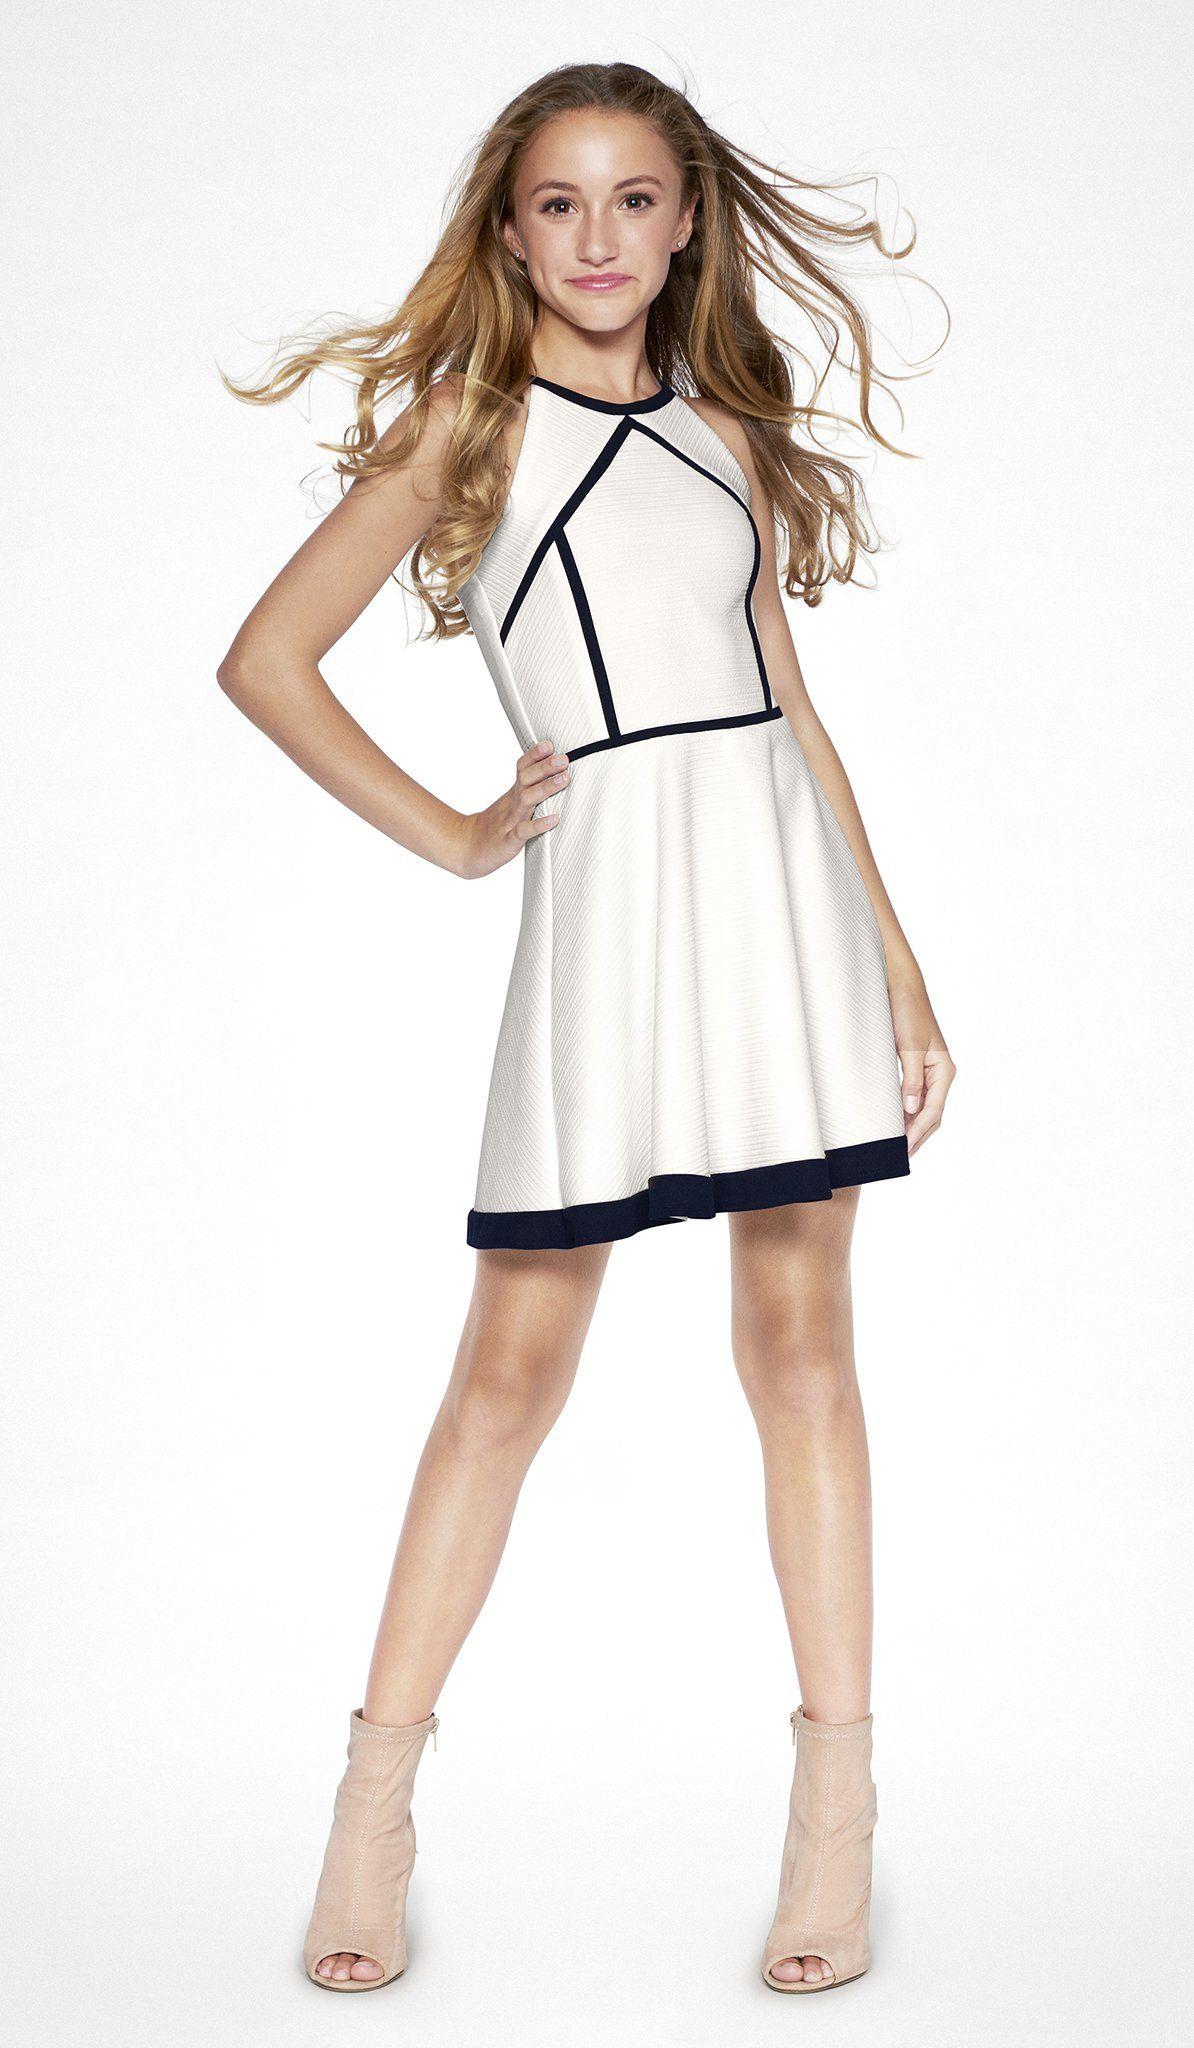 The newport dress #sallymiller